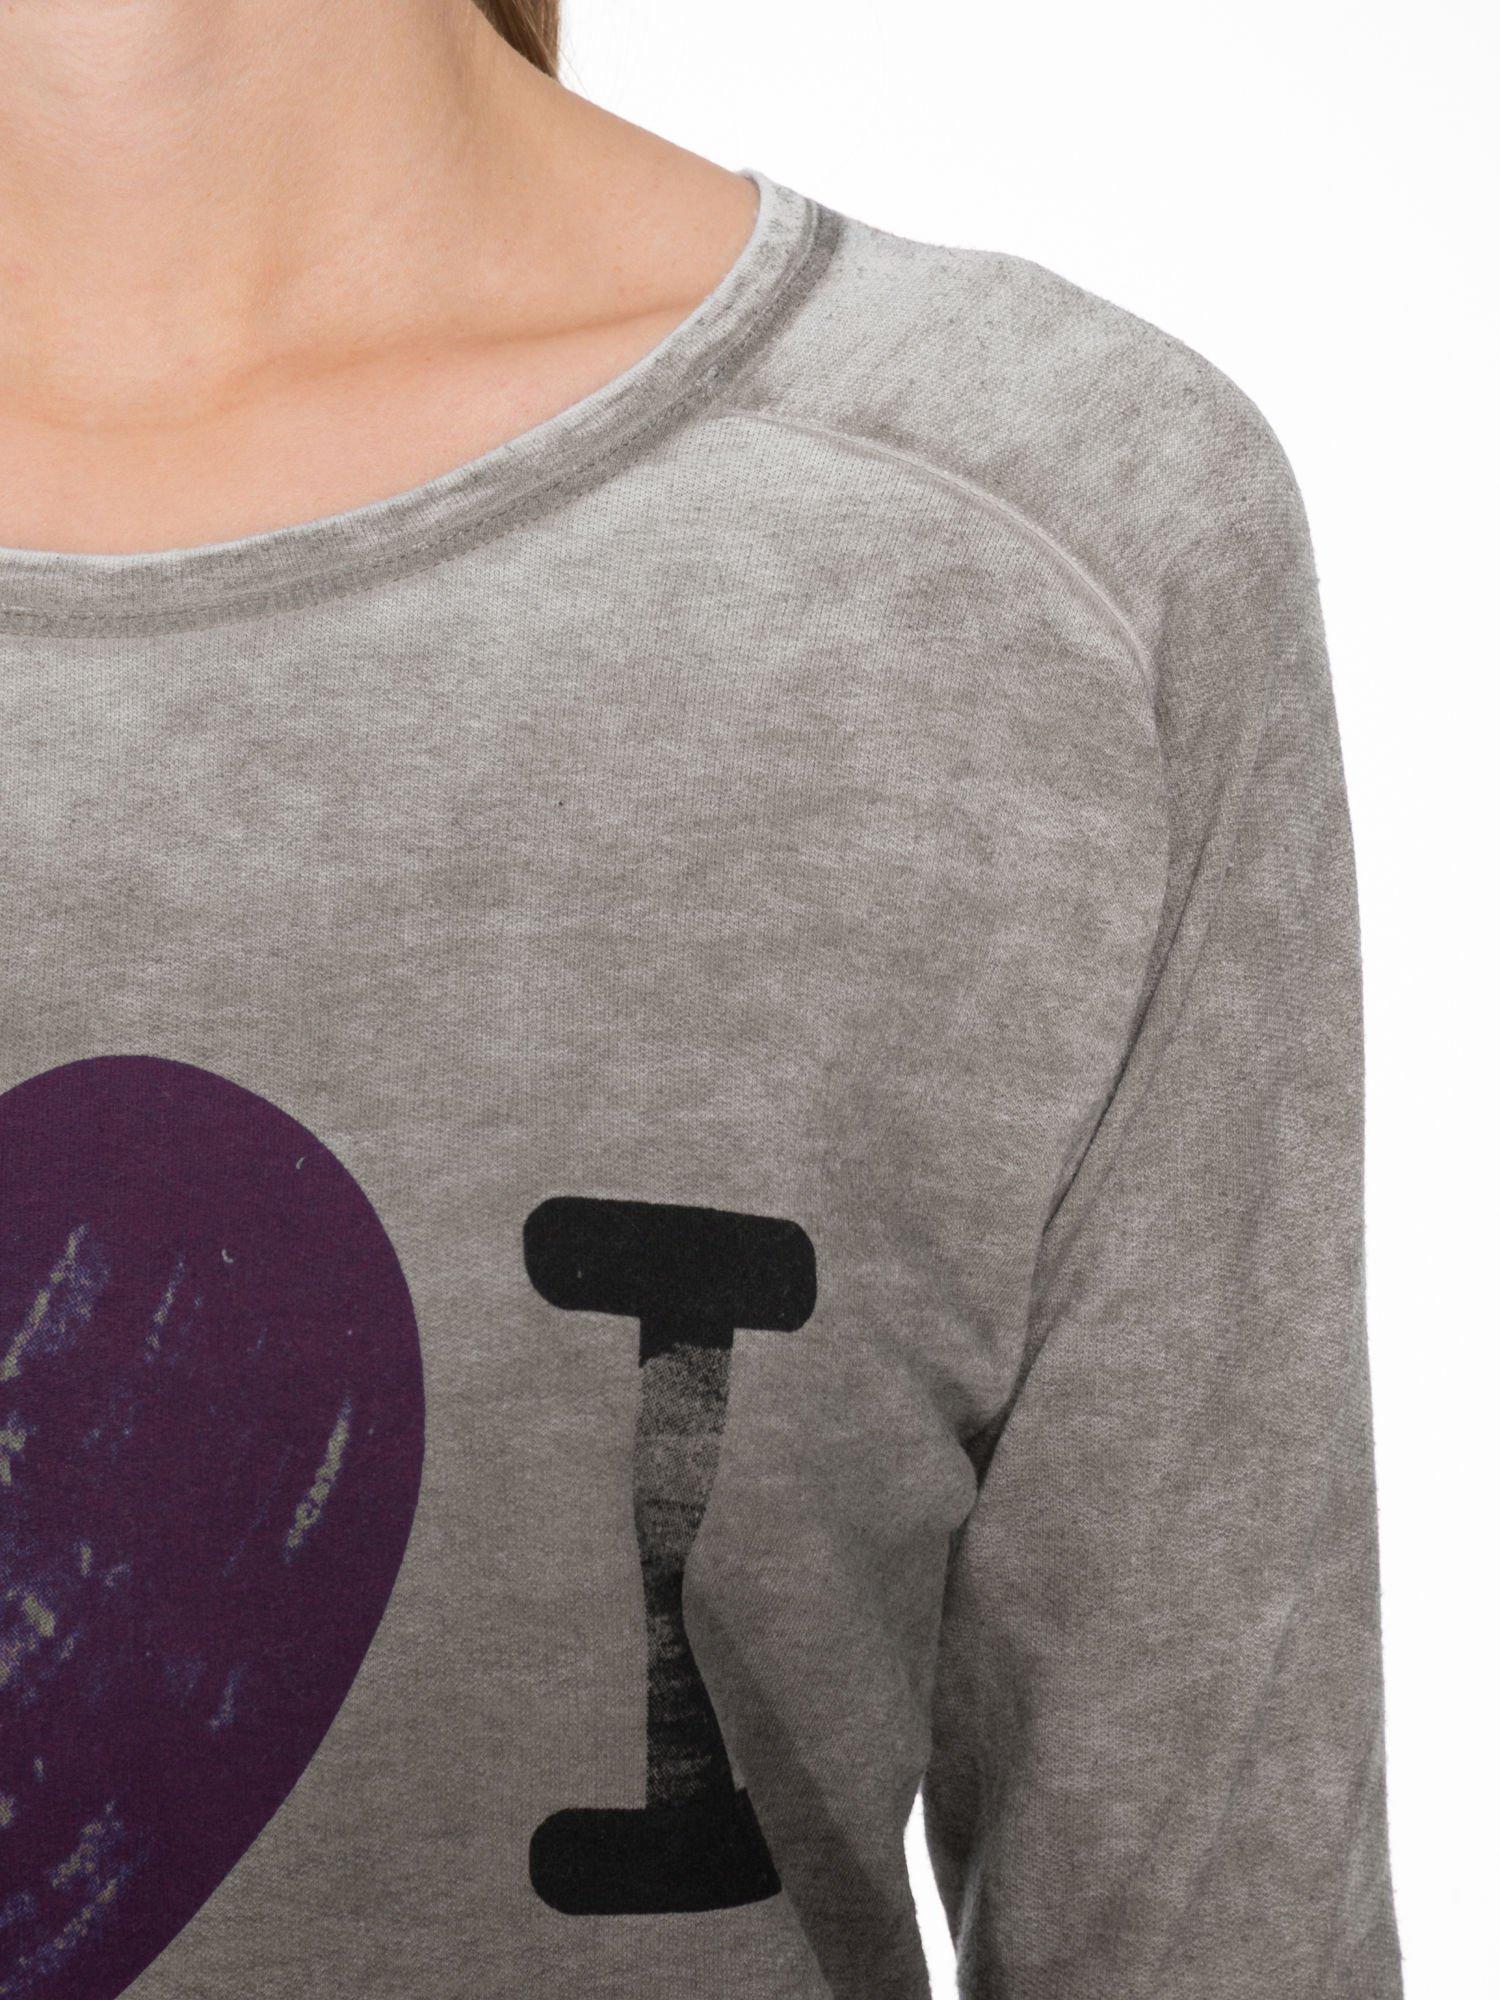 Szara bluzka z nadrukiem I LOVE BSL i efektem sprania                                  zdj.                                  5